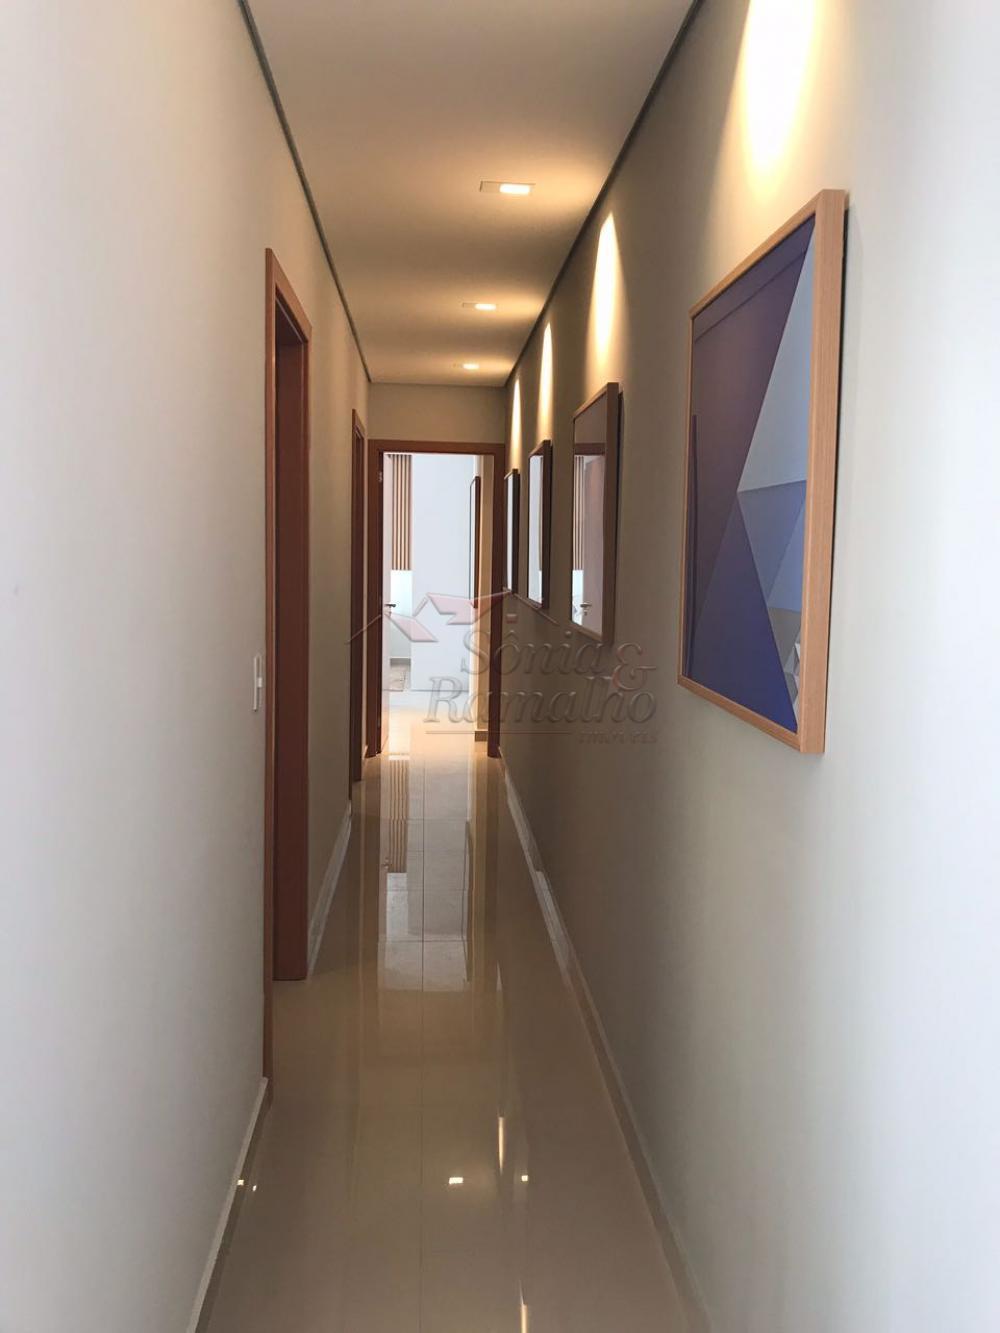 Comprar Apartamentos / Padrão em Ribeirão Preto apenas R$ 650.000,00 - Foto 21